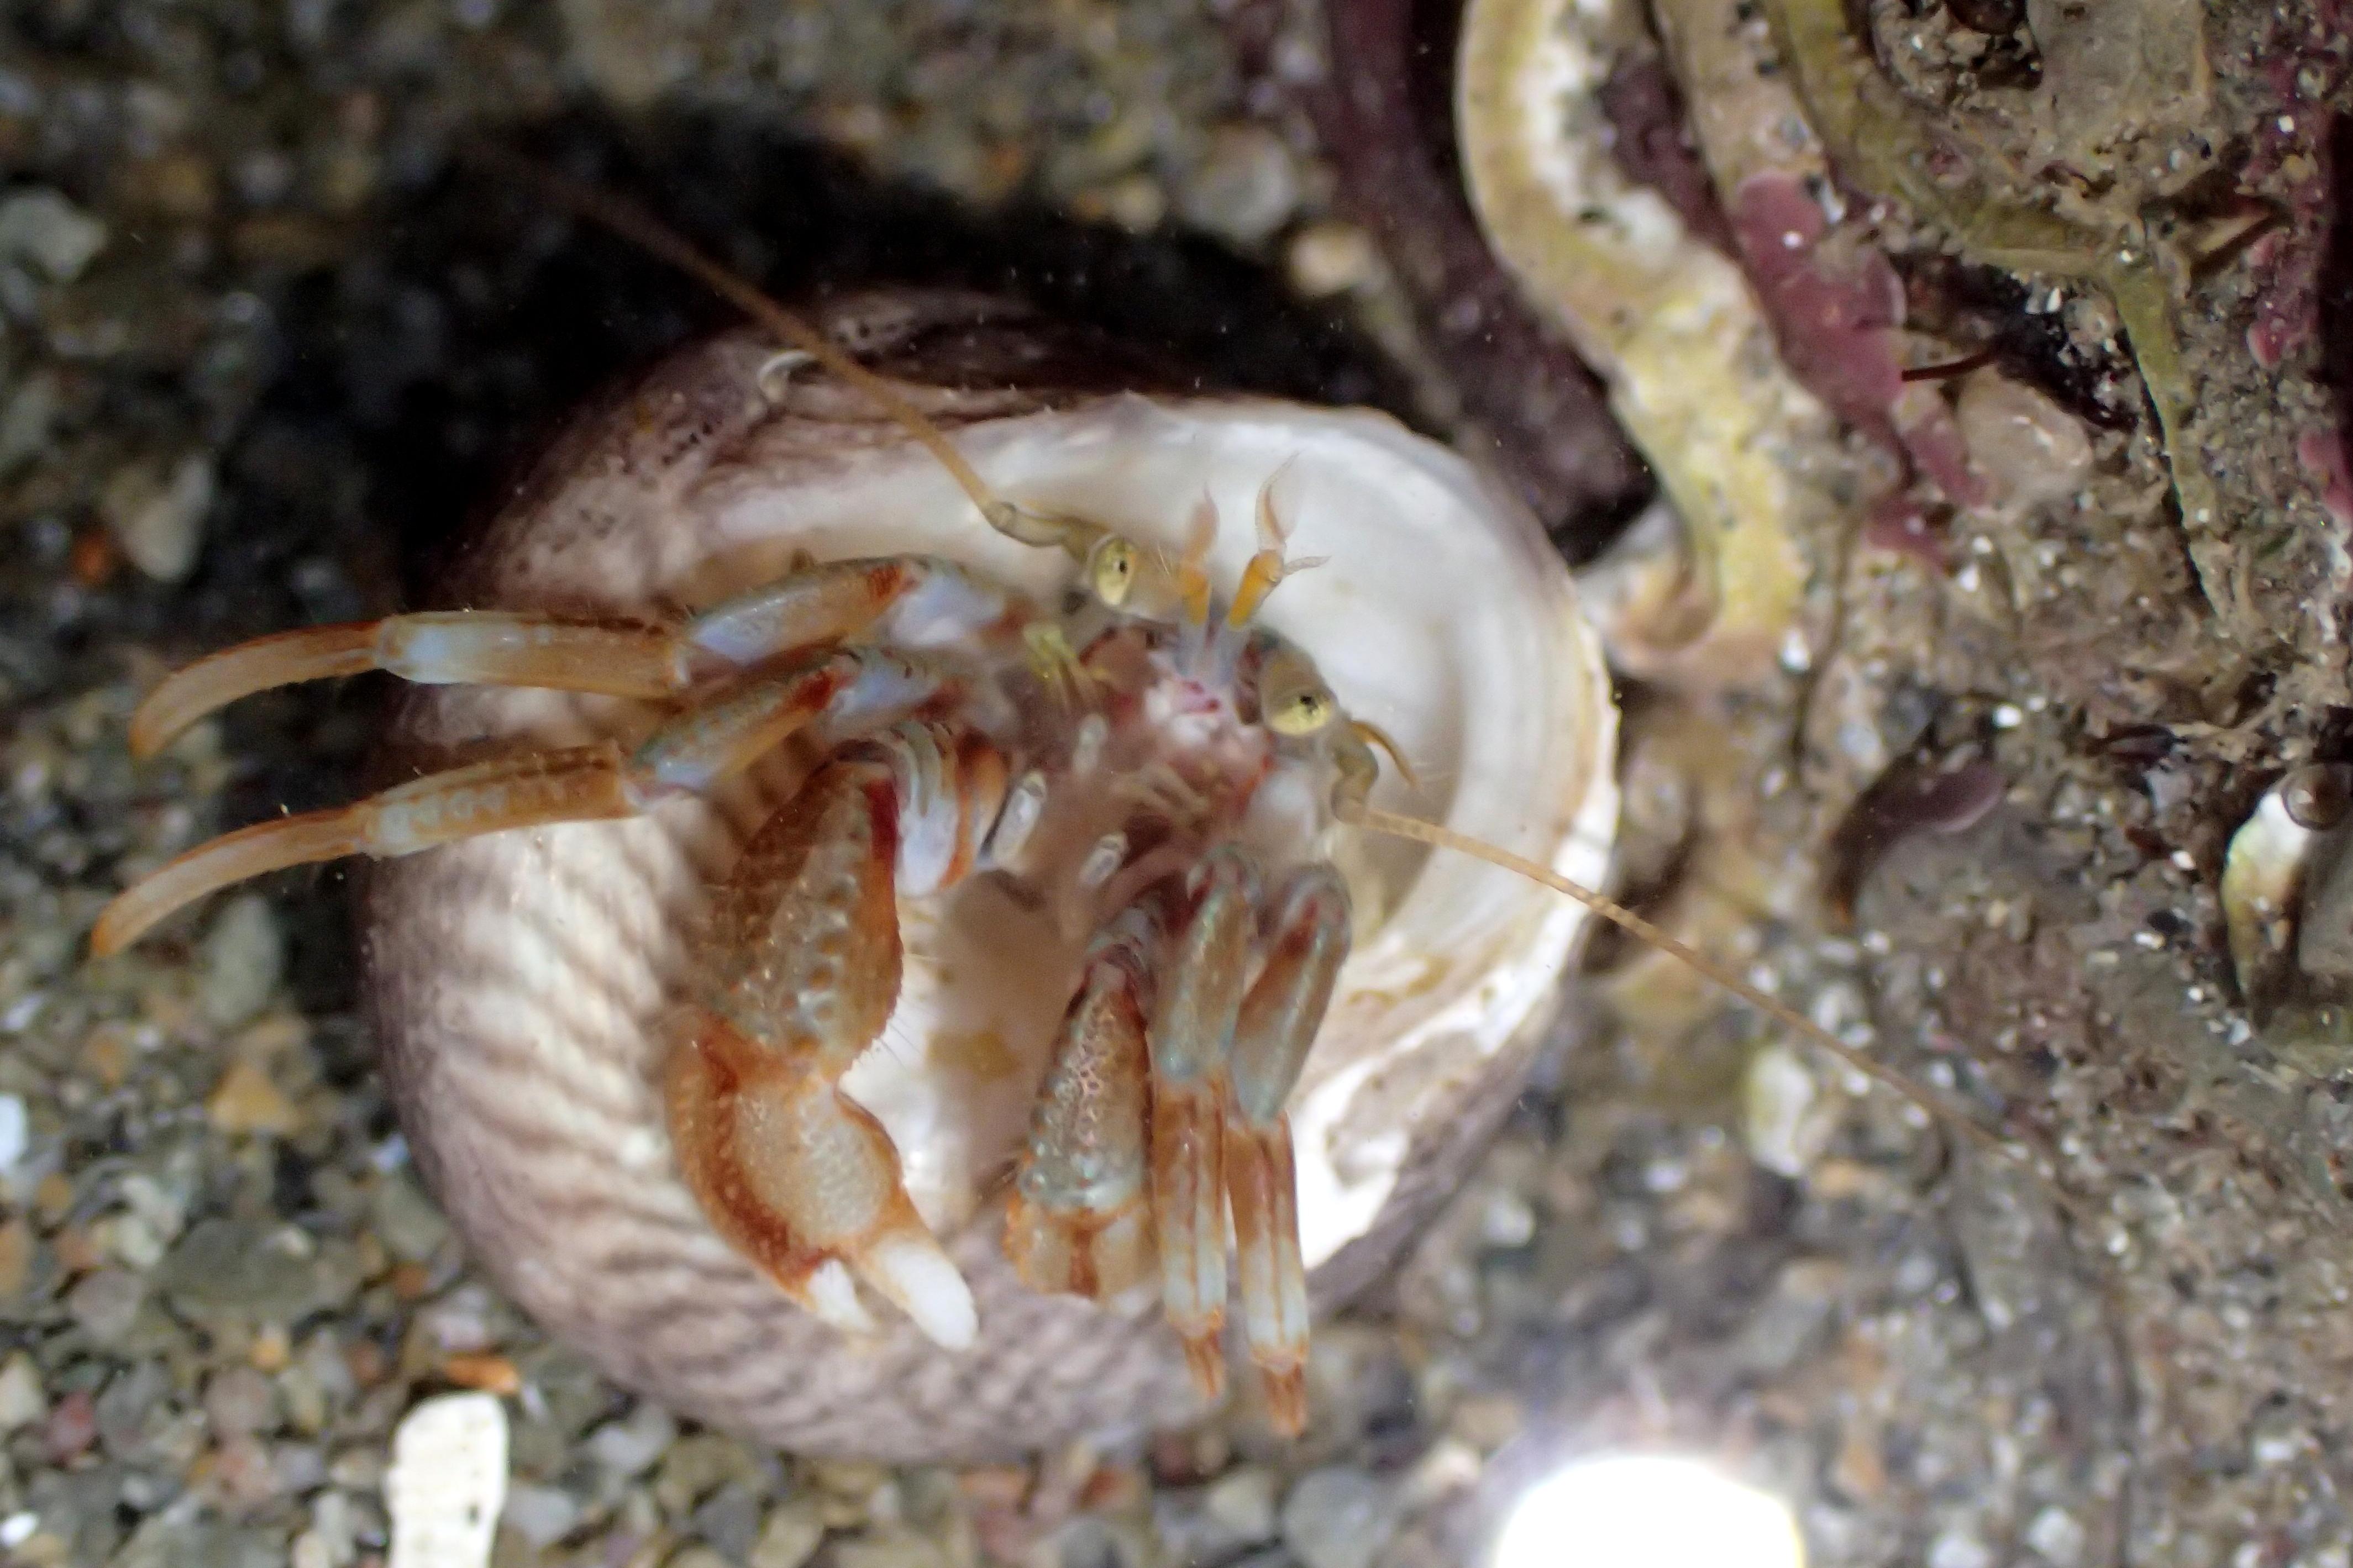 A common hermit crab: Pagurus bernhardus